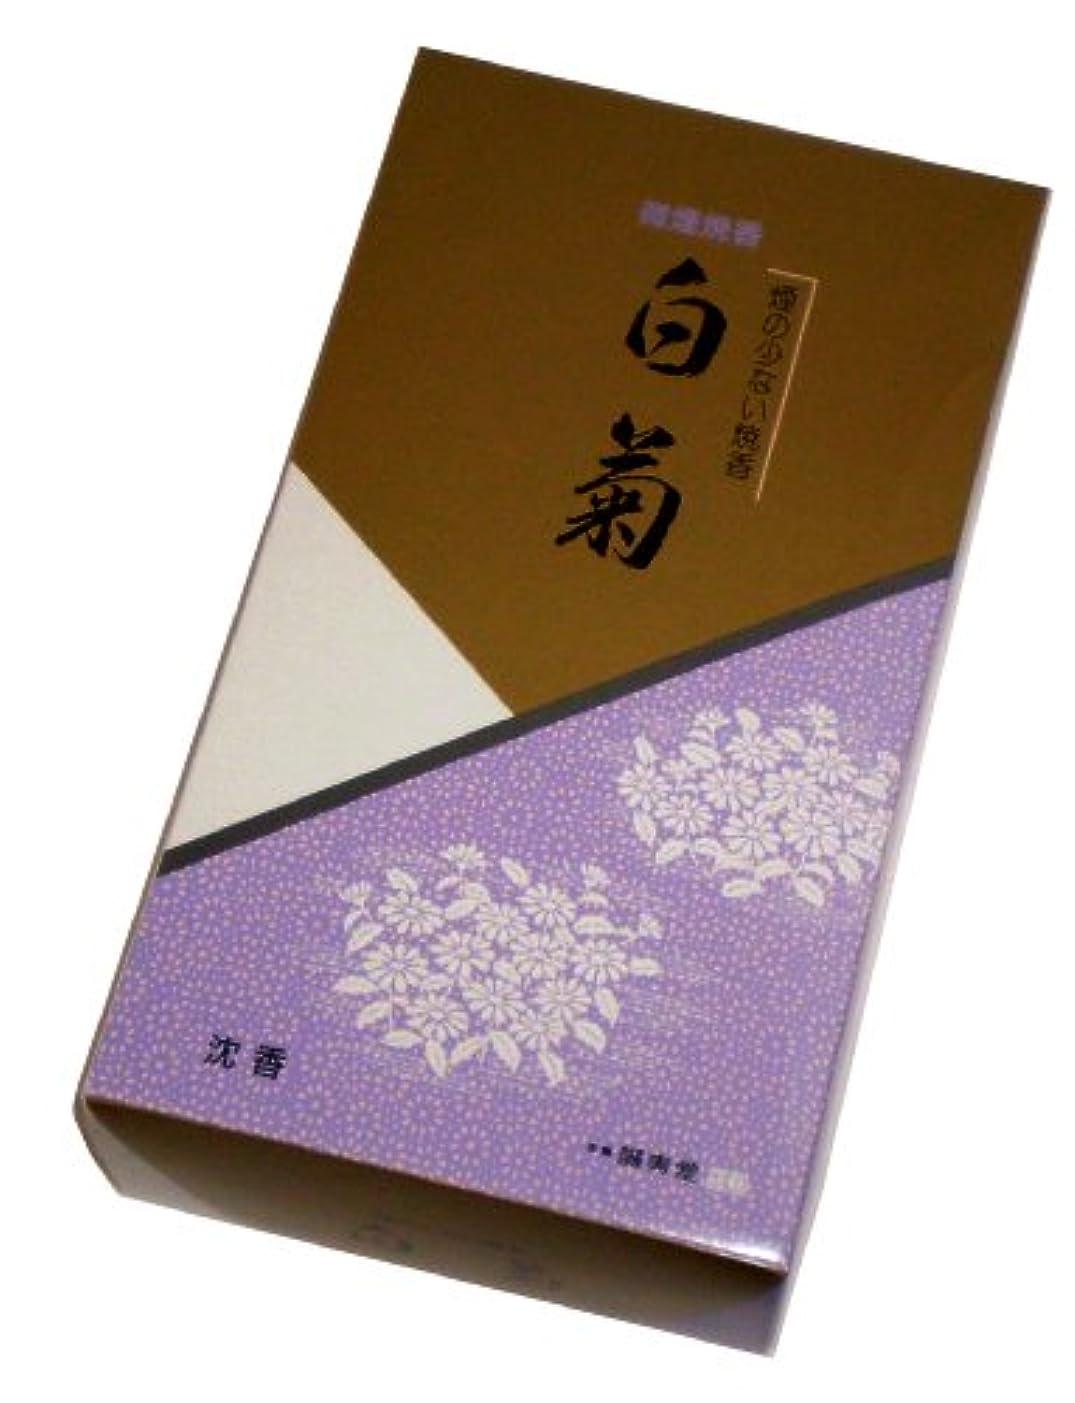 確かめるレイア分析する誠寿堂のお線香 微煙焼香 白菊(沈香) 500g #J21